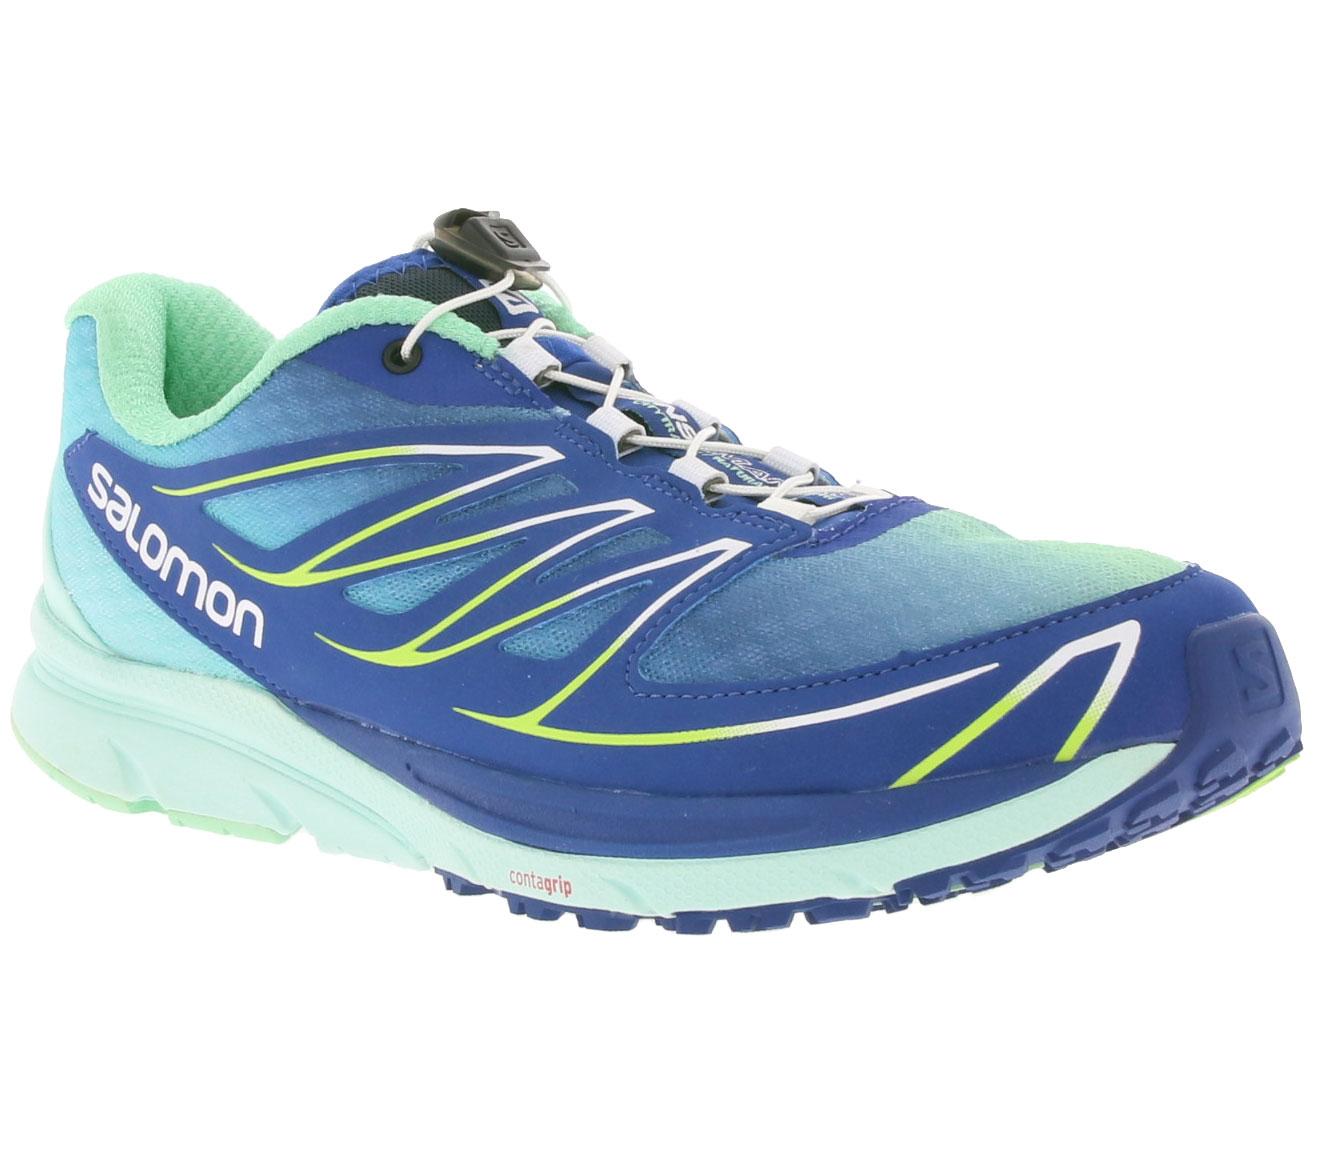 Salomon Damen & Herren Schuhe viele verschiedene Modelle ab 19,99€ inkl. Versand